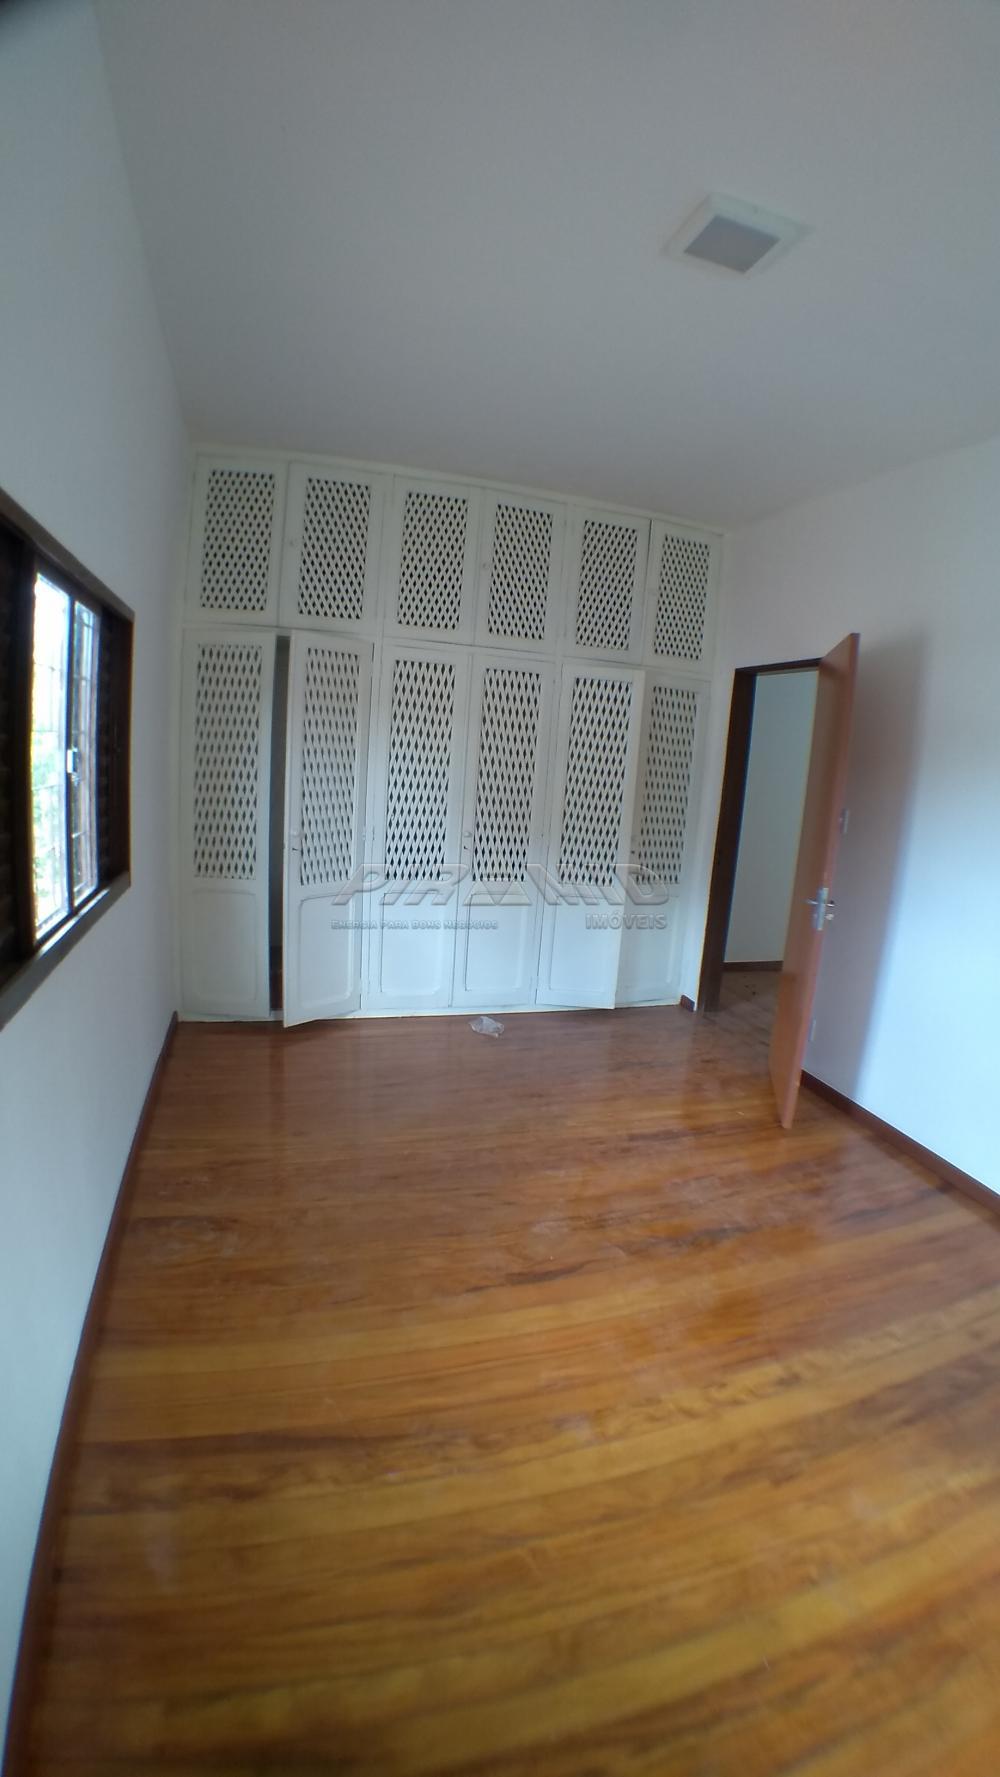 Alugar Casa / Padrão em Ribeirão Preto apenas R$ 3.400,00 - Foto 6